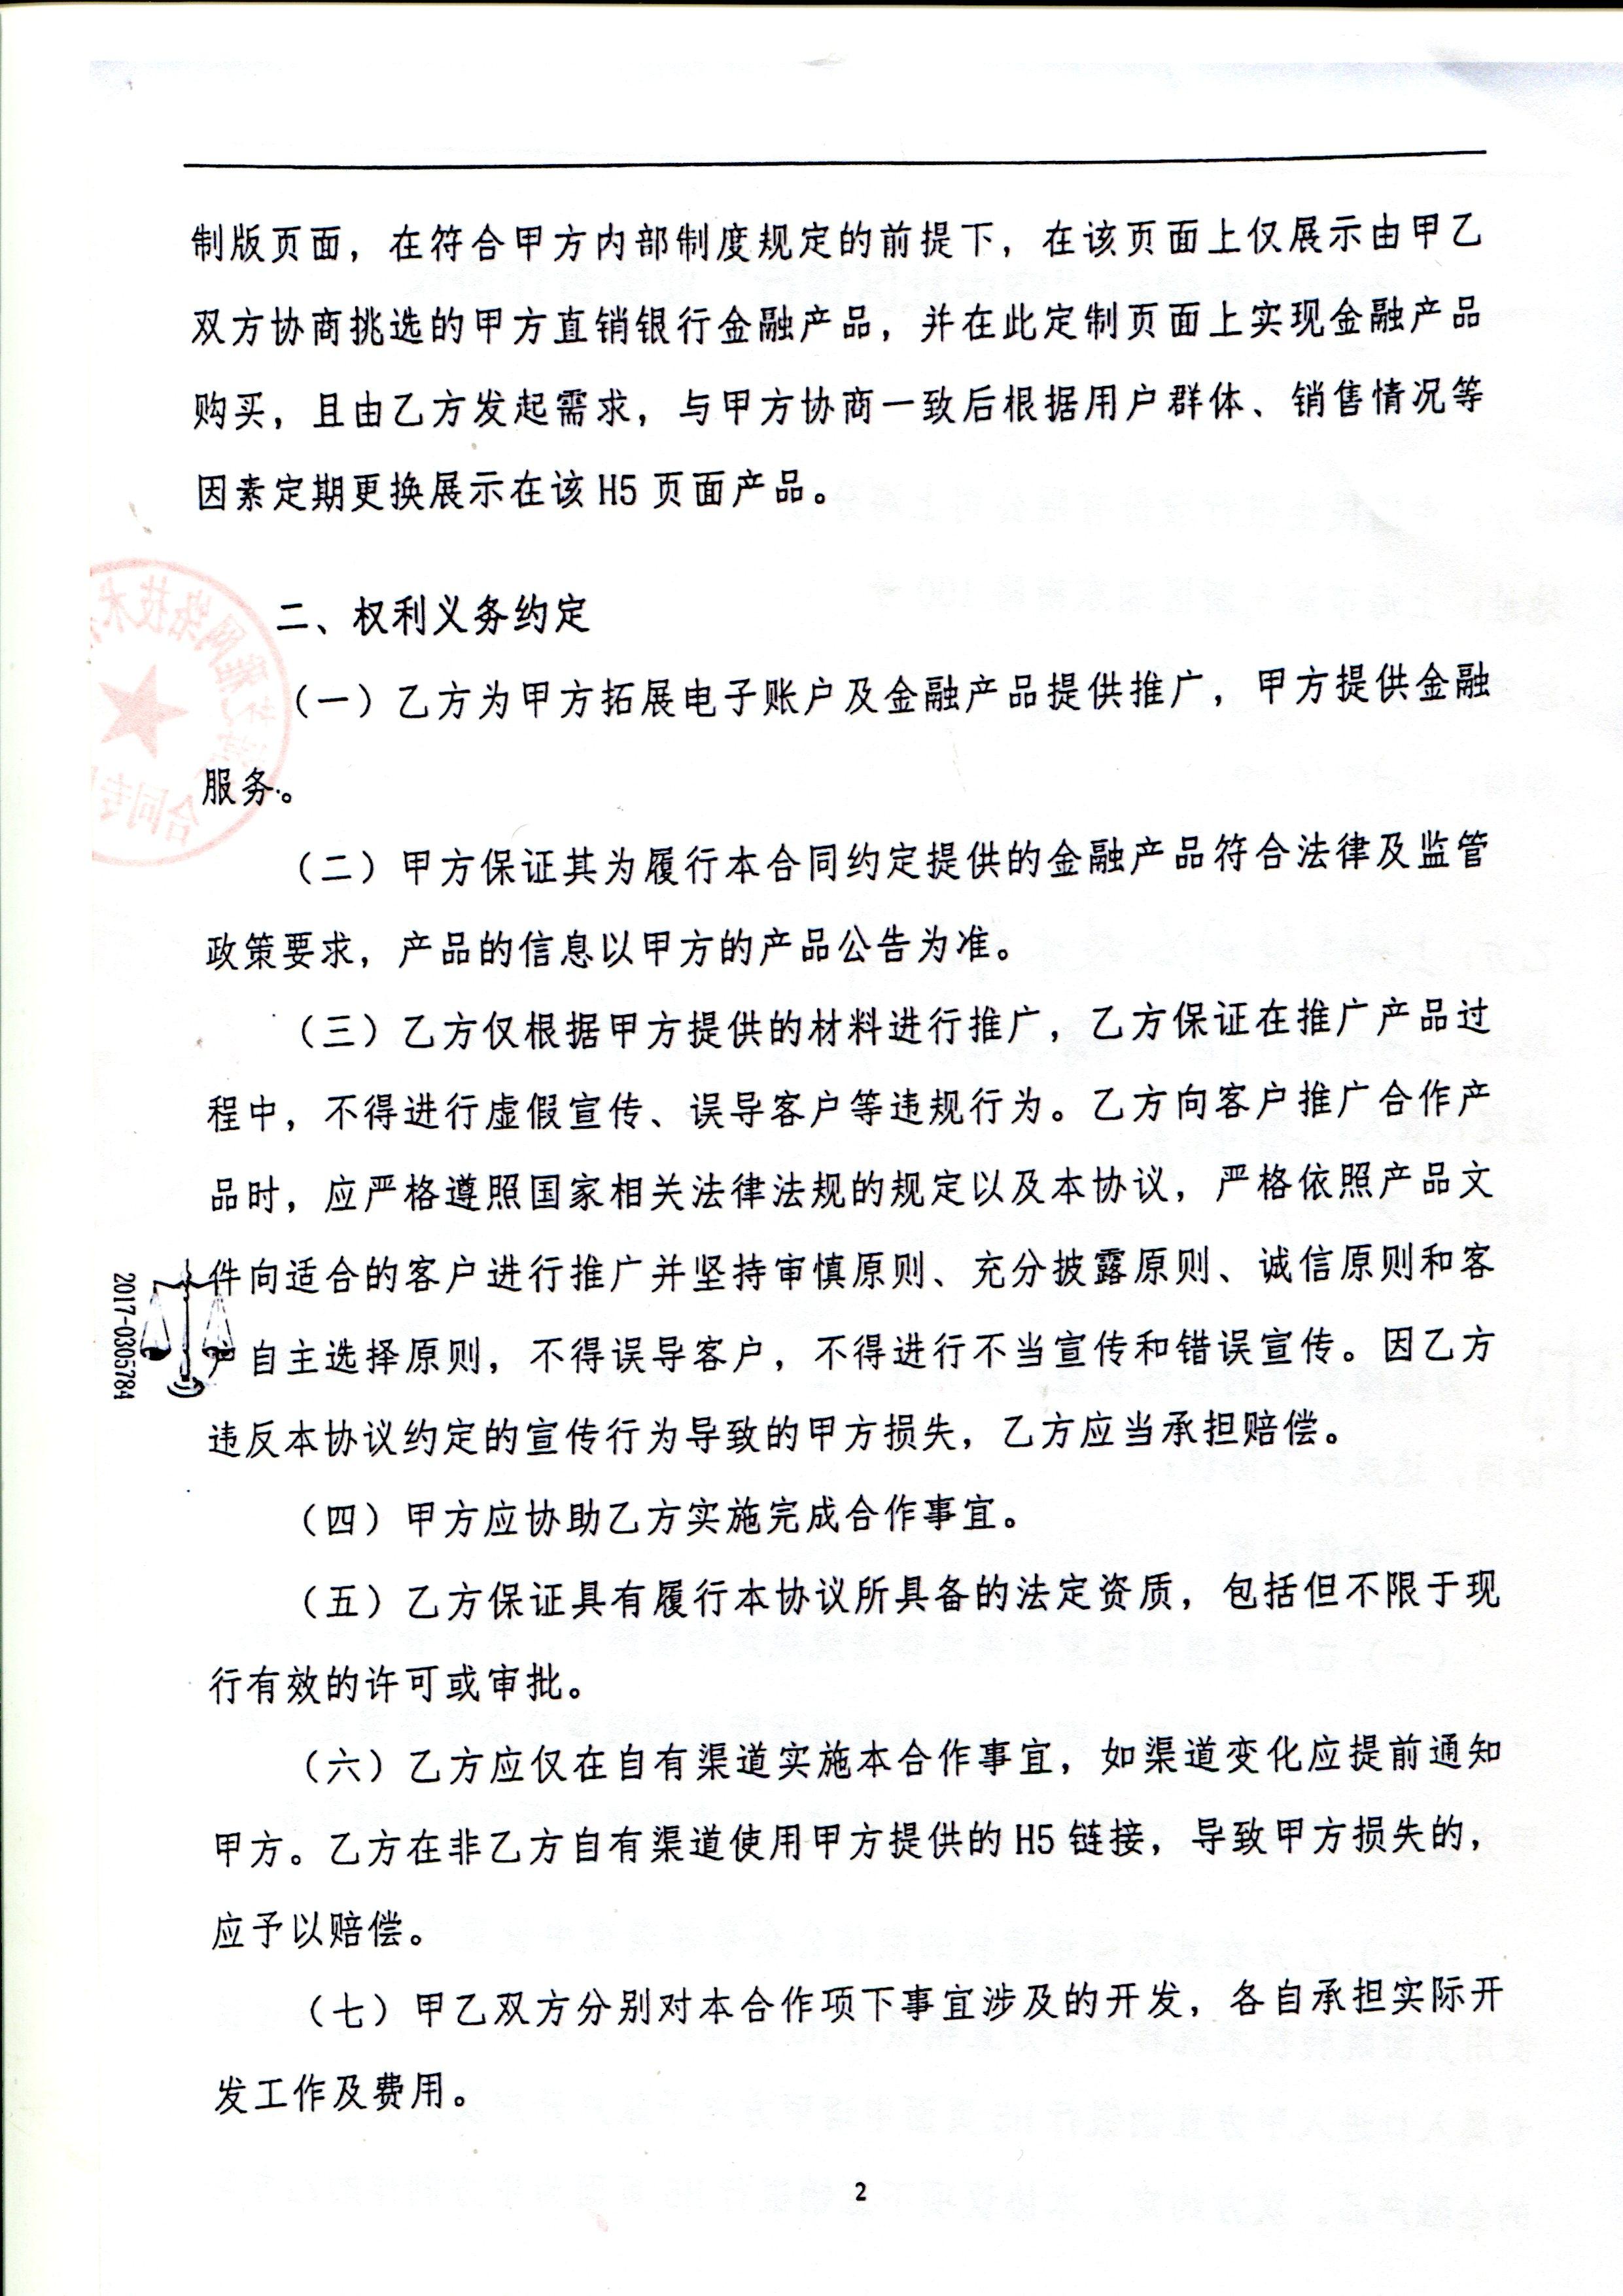 中国民生银行空中社区银行业务合作协议003.jpg